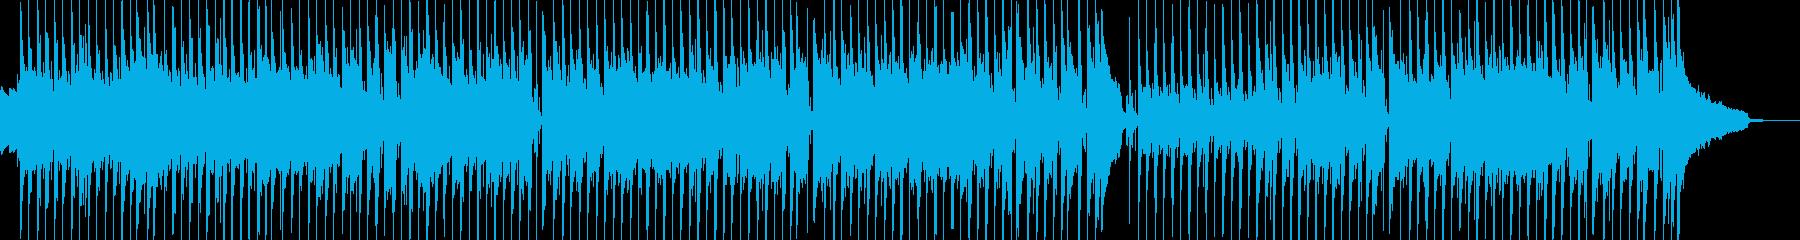 日常的なほのぼの打楽器ポップス 短尺★の再生済みの波形